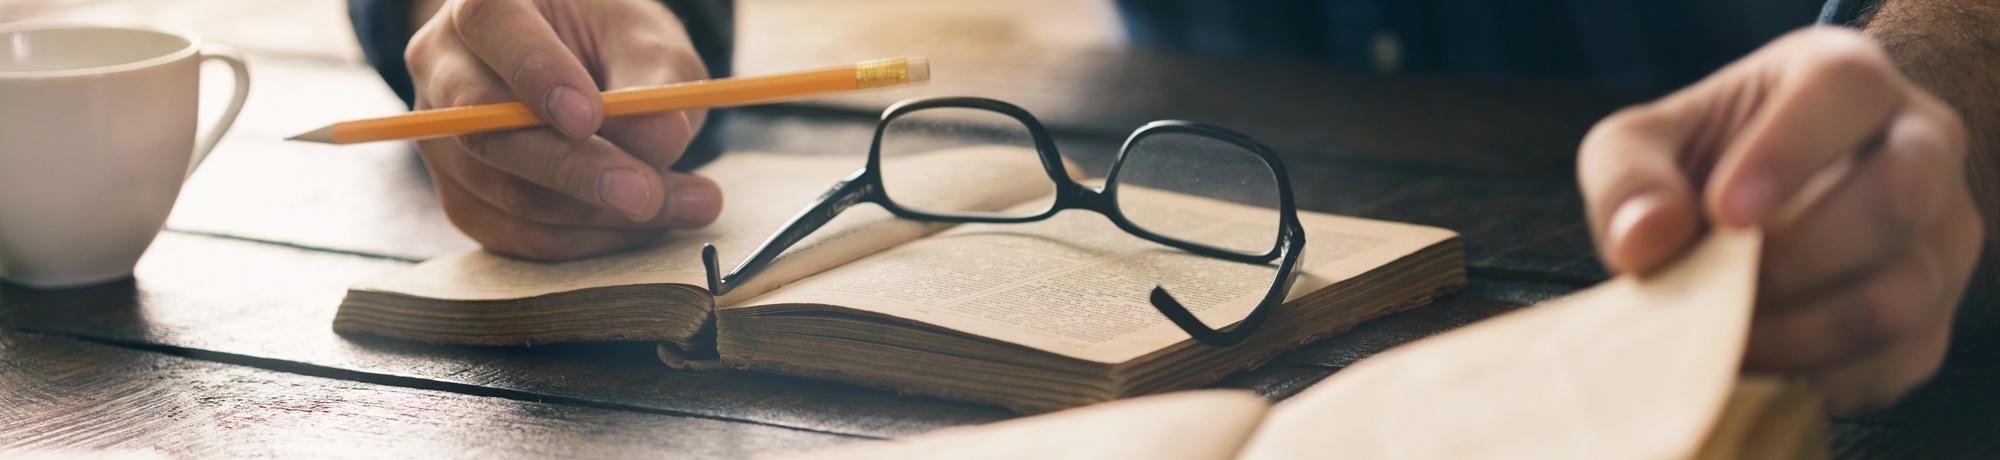 livros-administracao